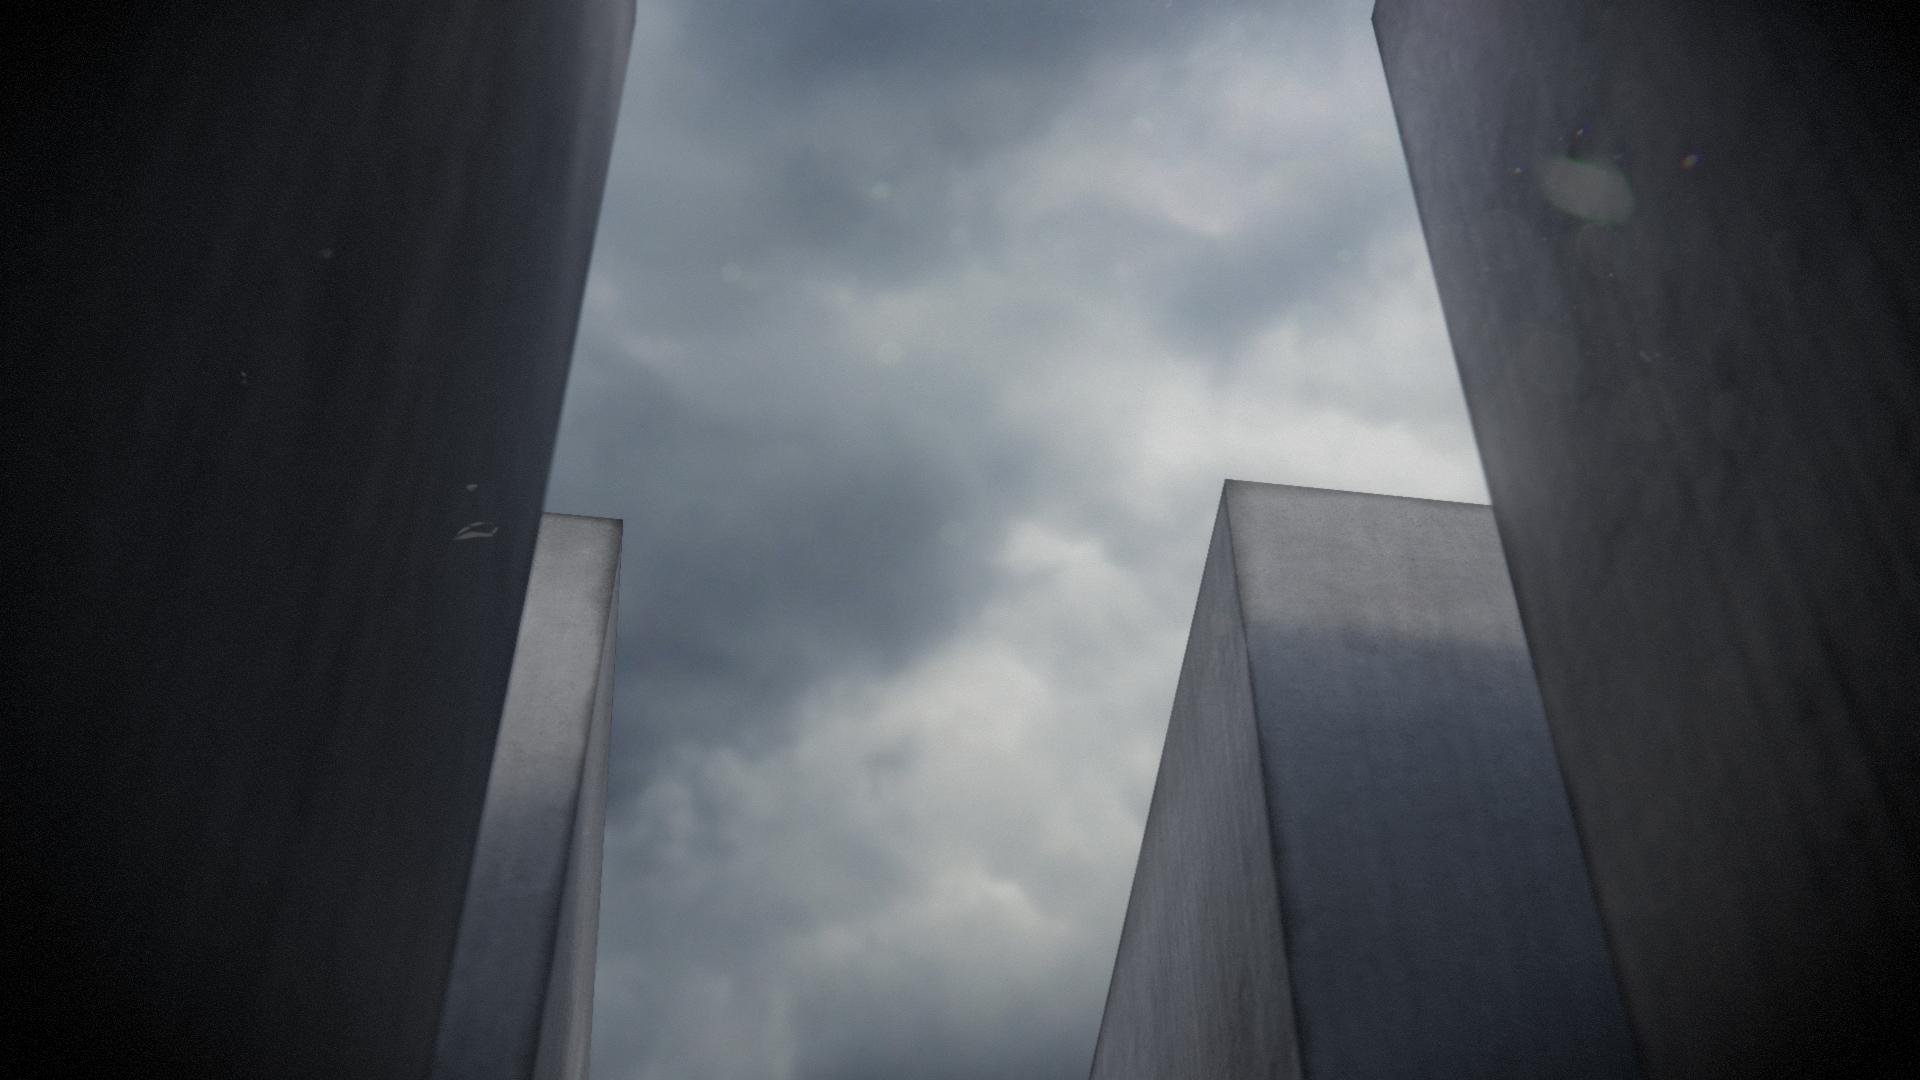 efim armand memorial @ minimal exposition